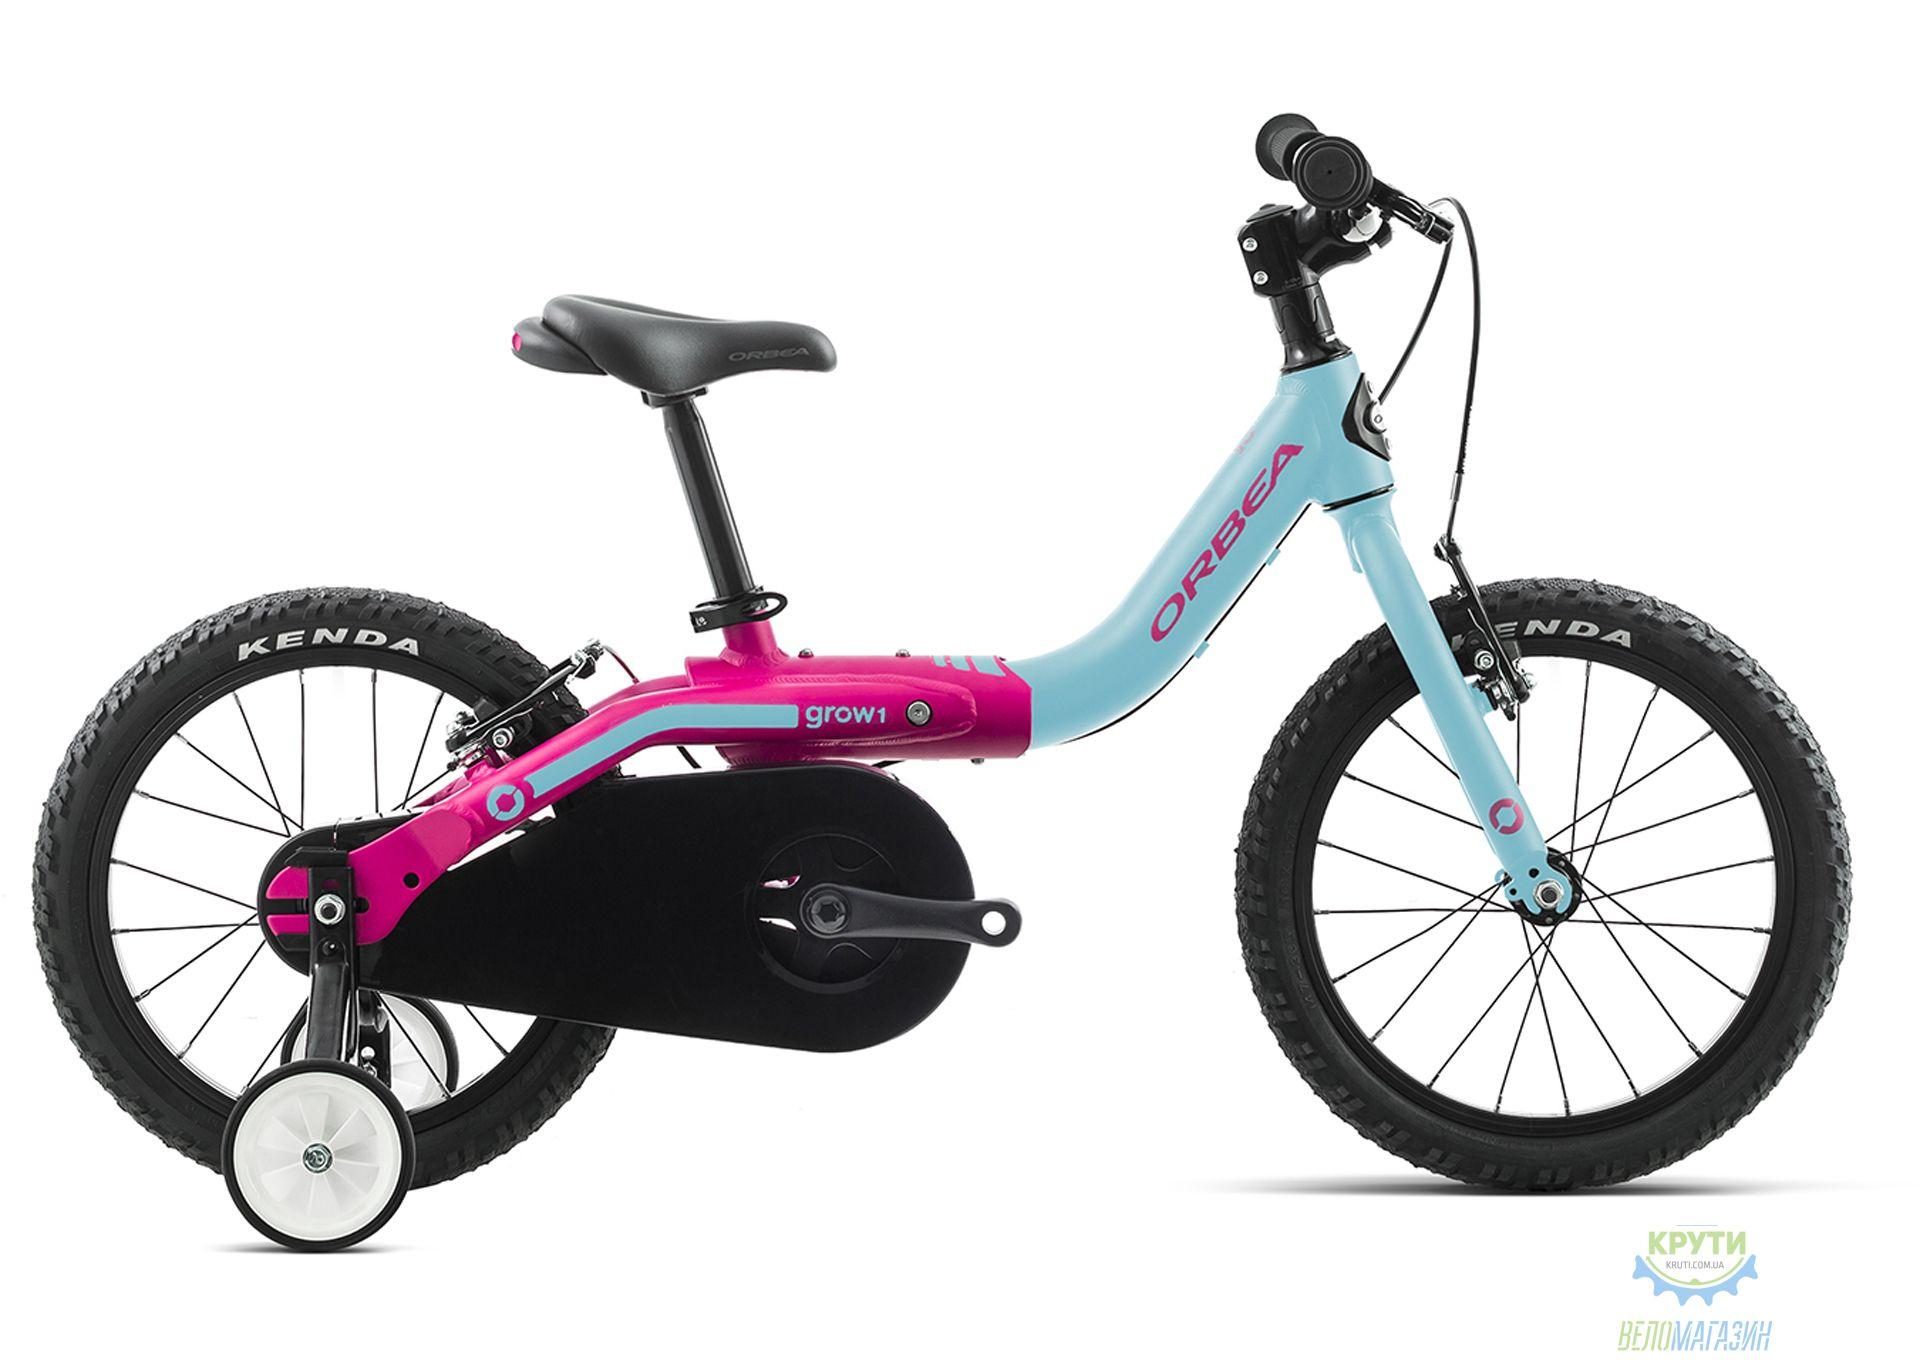 Велосипед Orbea GROW 1 Blue-Pink 2019